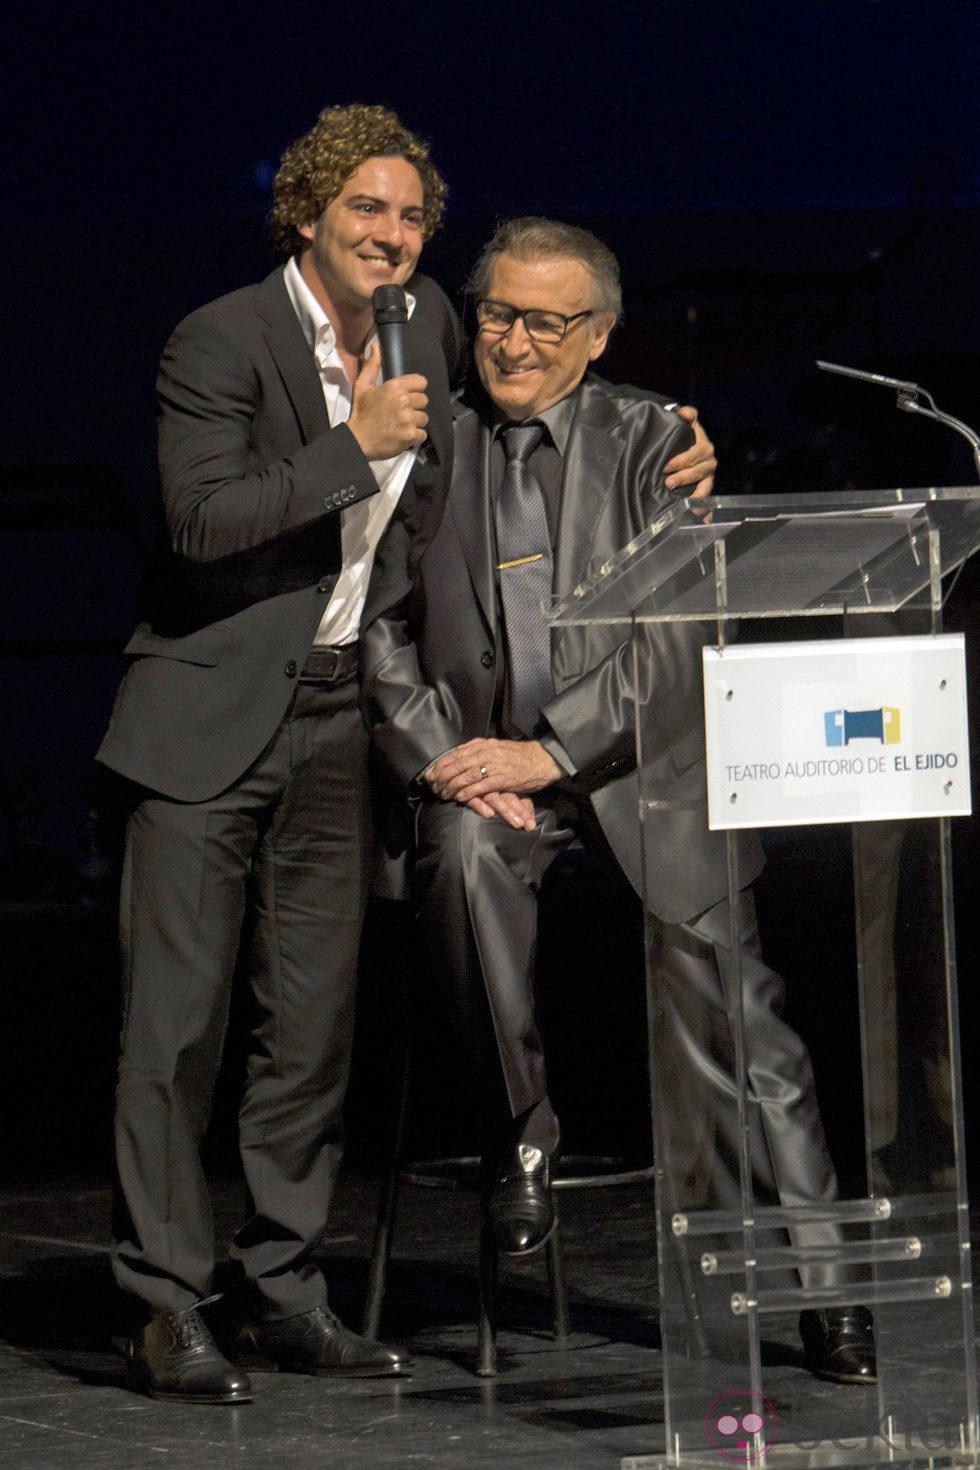 Manolo Escobar recibió la visita de David Bisbal durante un homenaje